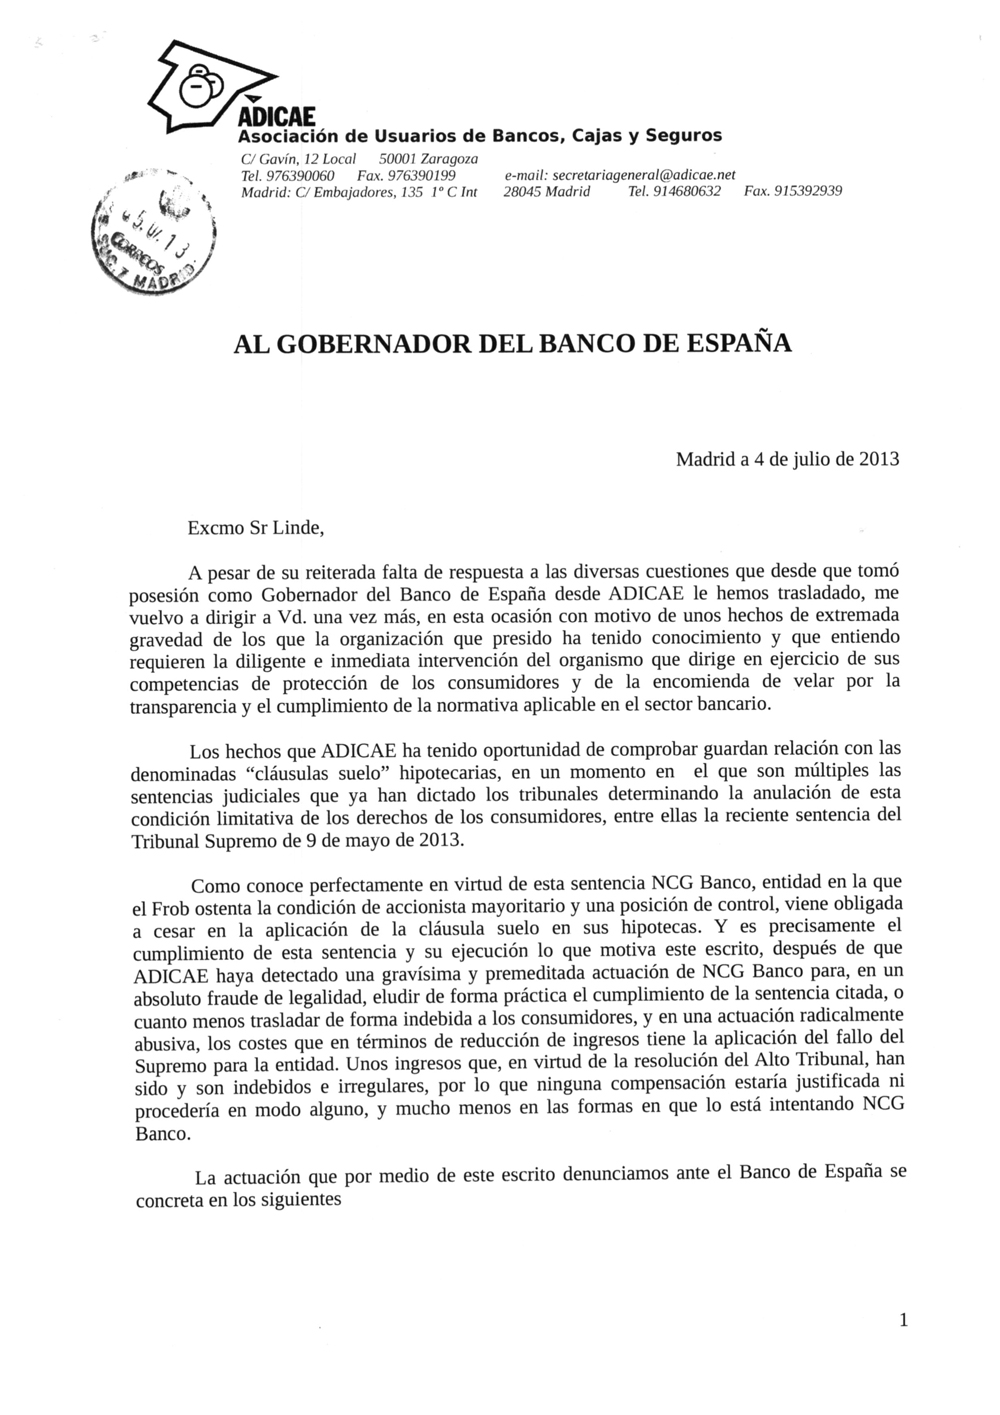 Adicae impositores usuarios for Modelo demanda clausula suelo